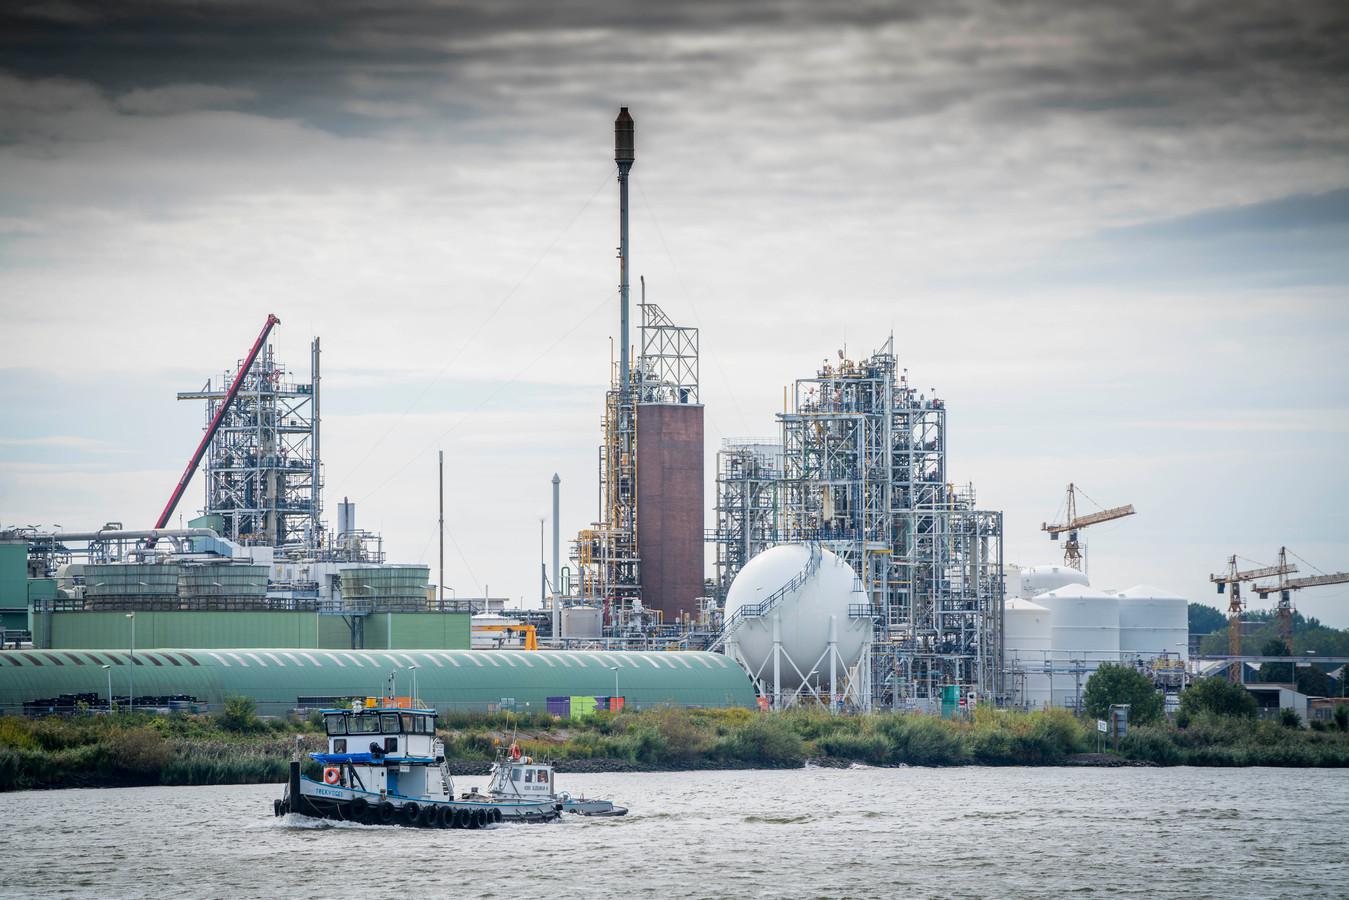 De fabriek van Chemours aan de rivier.